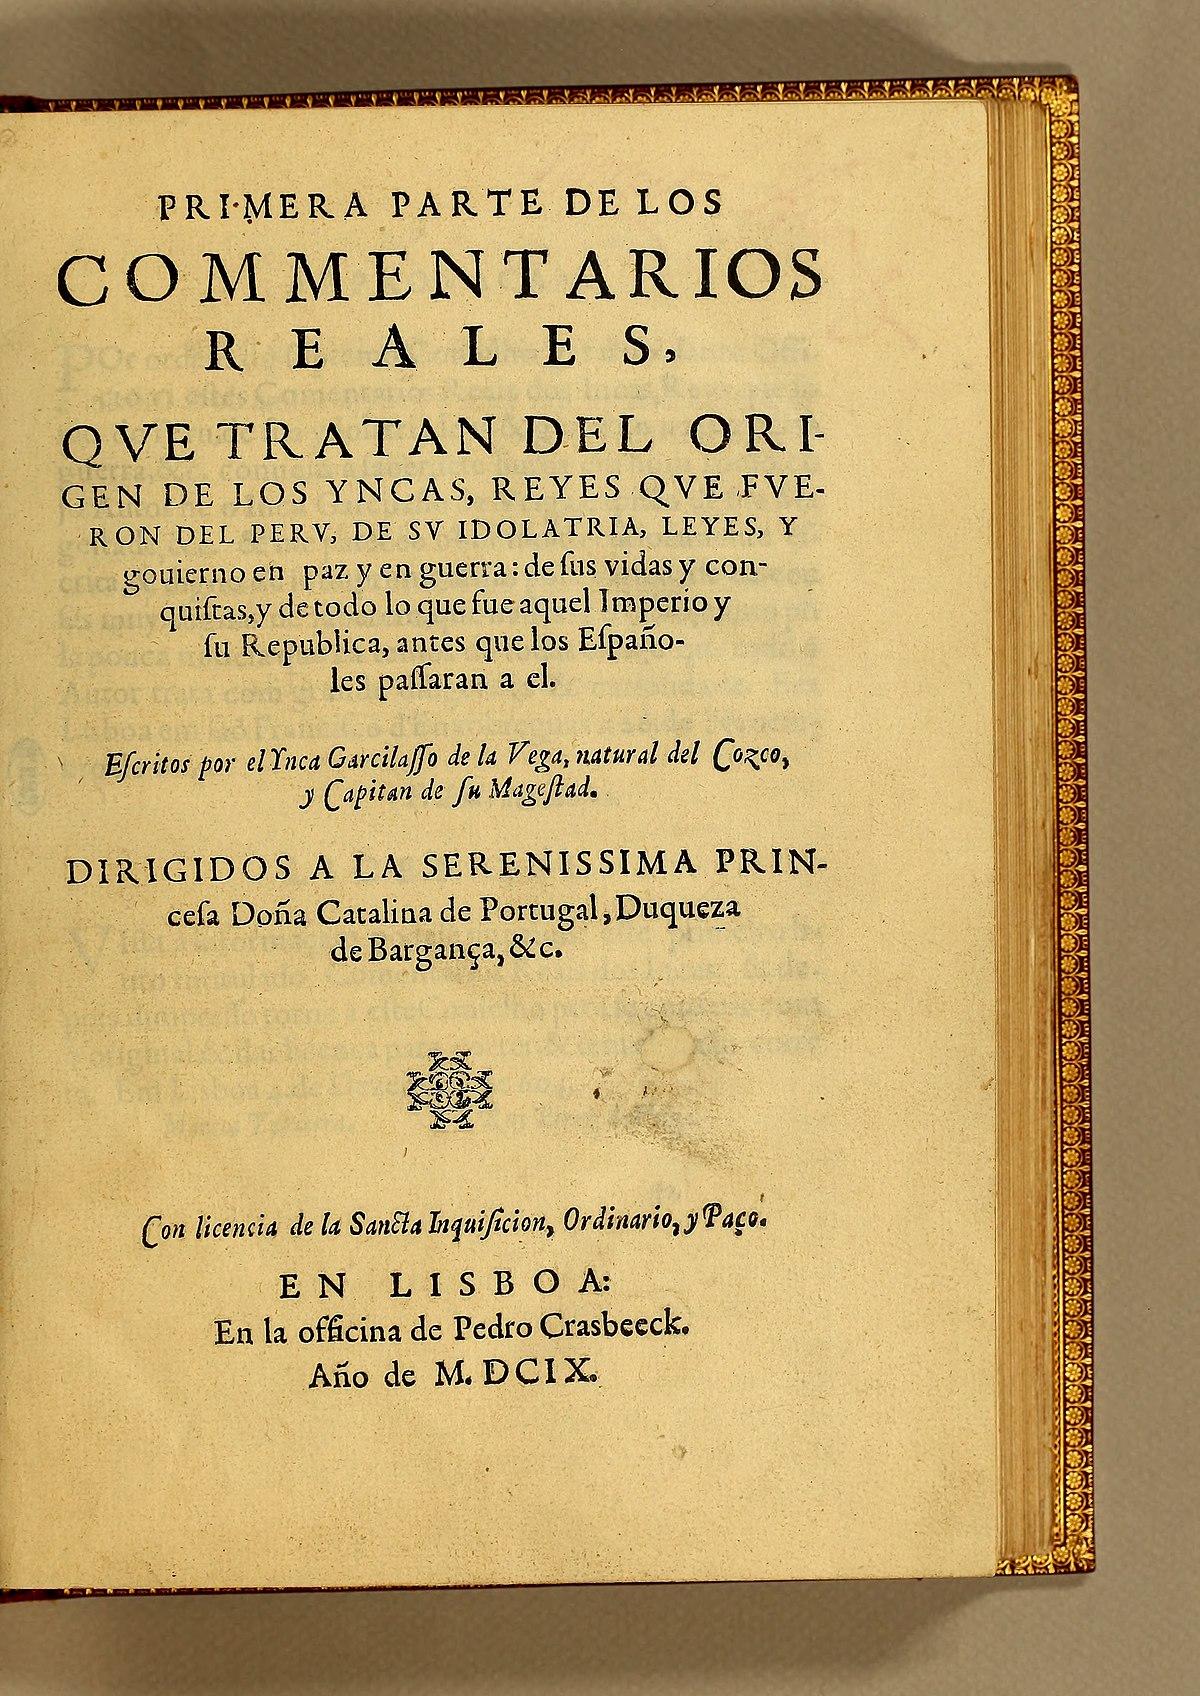 Comentarios Reales de los Incas - Wikipedia